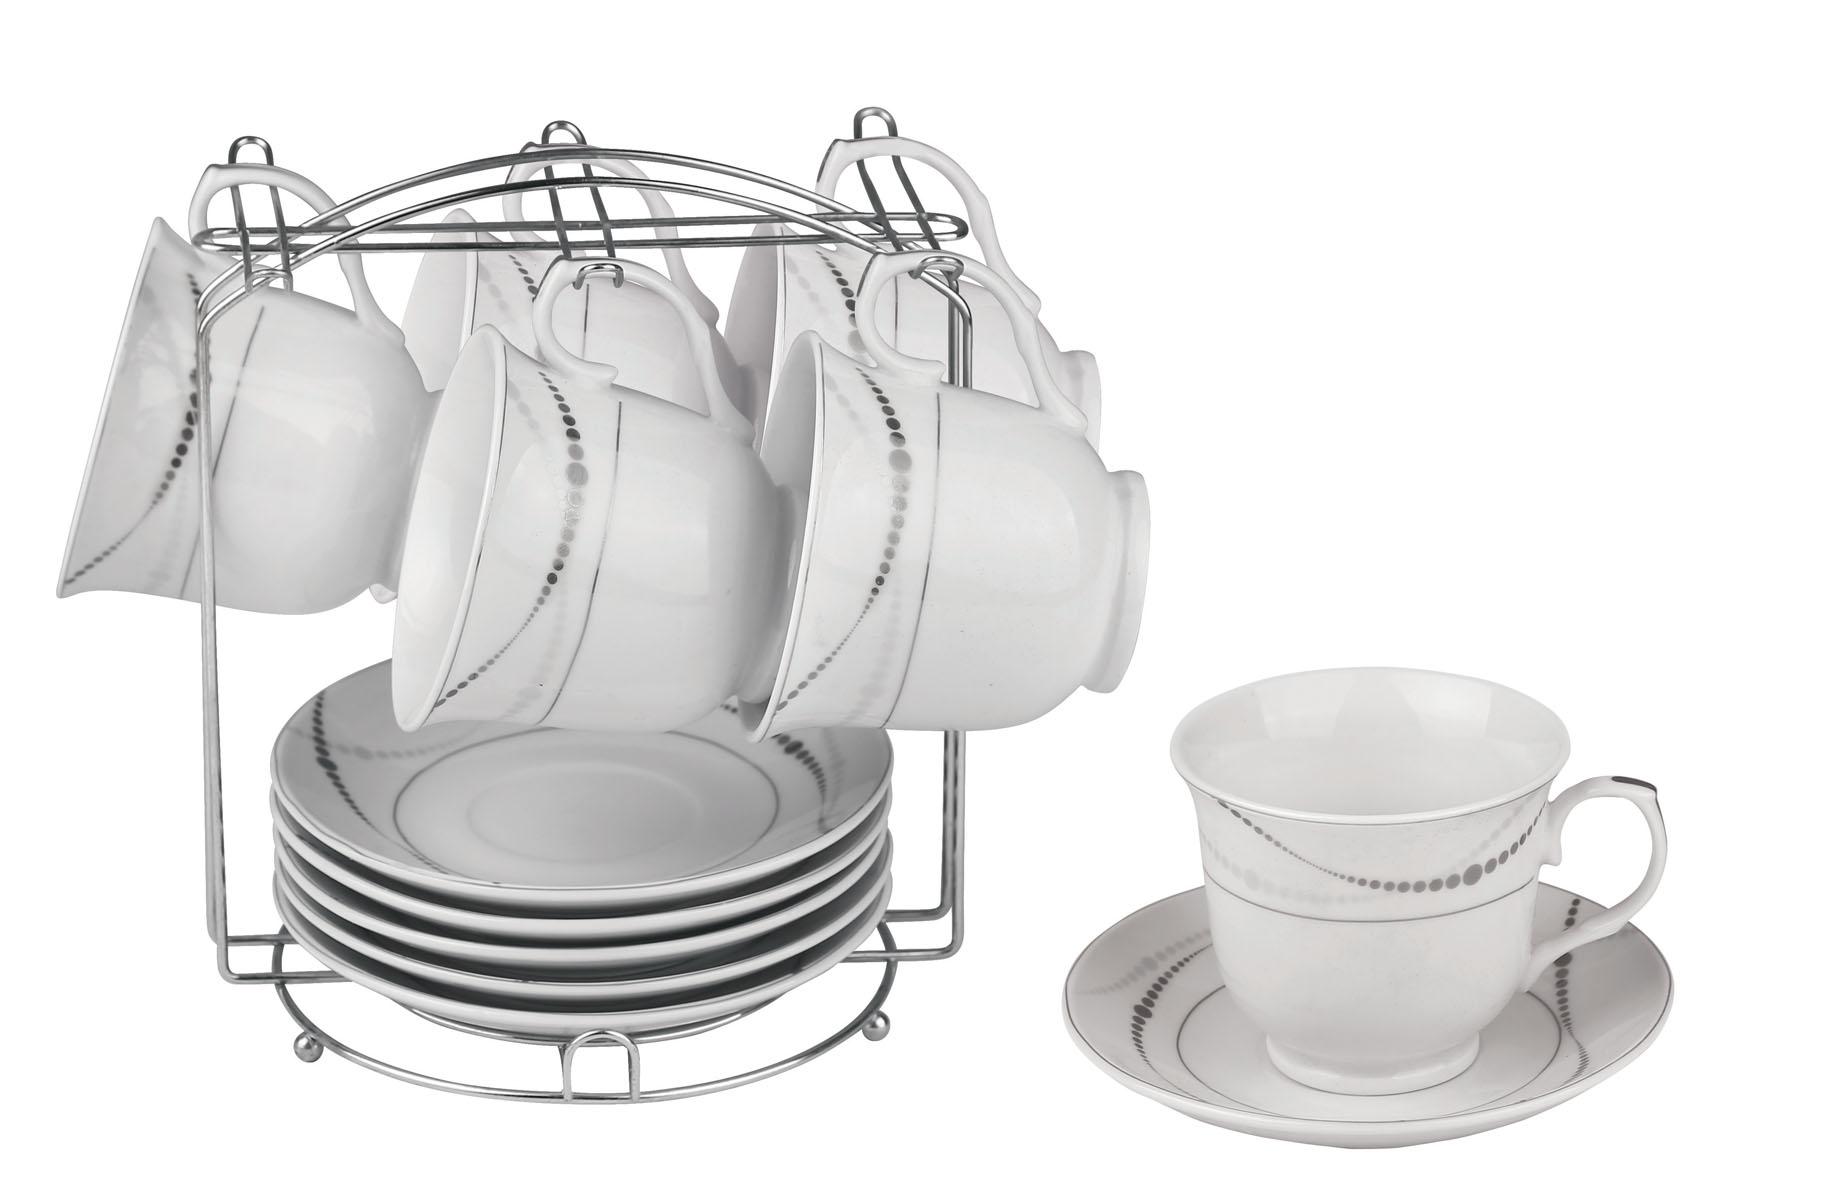 Набор чайный Bekker, 13 предметов. BK-6805BK-6805Чайный набор Bekker состоит из 6 чашек, 6 блюдец и металлической подставки. Изделия выполнены из высококачественного фарфора белого цвета, украшенного изящными узорами серебристой эмалью. Для предметов набора предусмотрена специальная металлическая подставка с крючками для чашек и подставкой для блюдец. Изящный чайный набор прекрасно оформит стол к чаепитию и станет замечательным подарком для любой хозяйки. Можно мыть в посудомоечной машине. Объем чашки: 220 мл. Диаметр чашки (по верхнему краю): 9 см. Высота чашки: 7,5 см. Диаметр блюдца: 14 см.